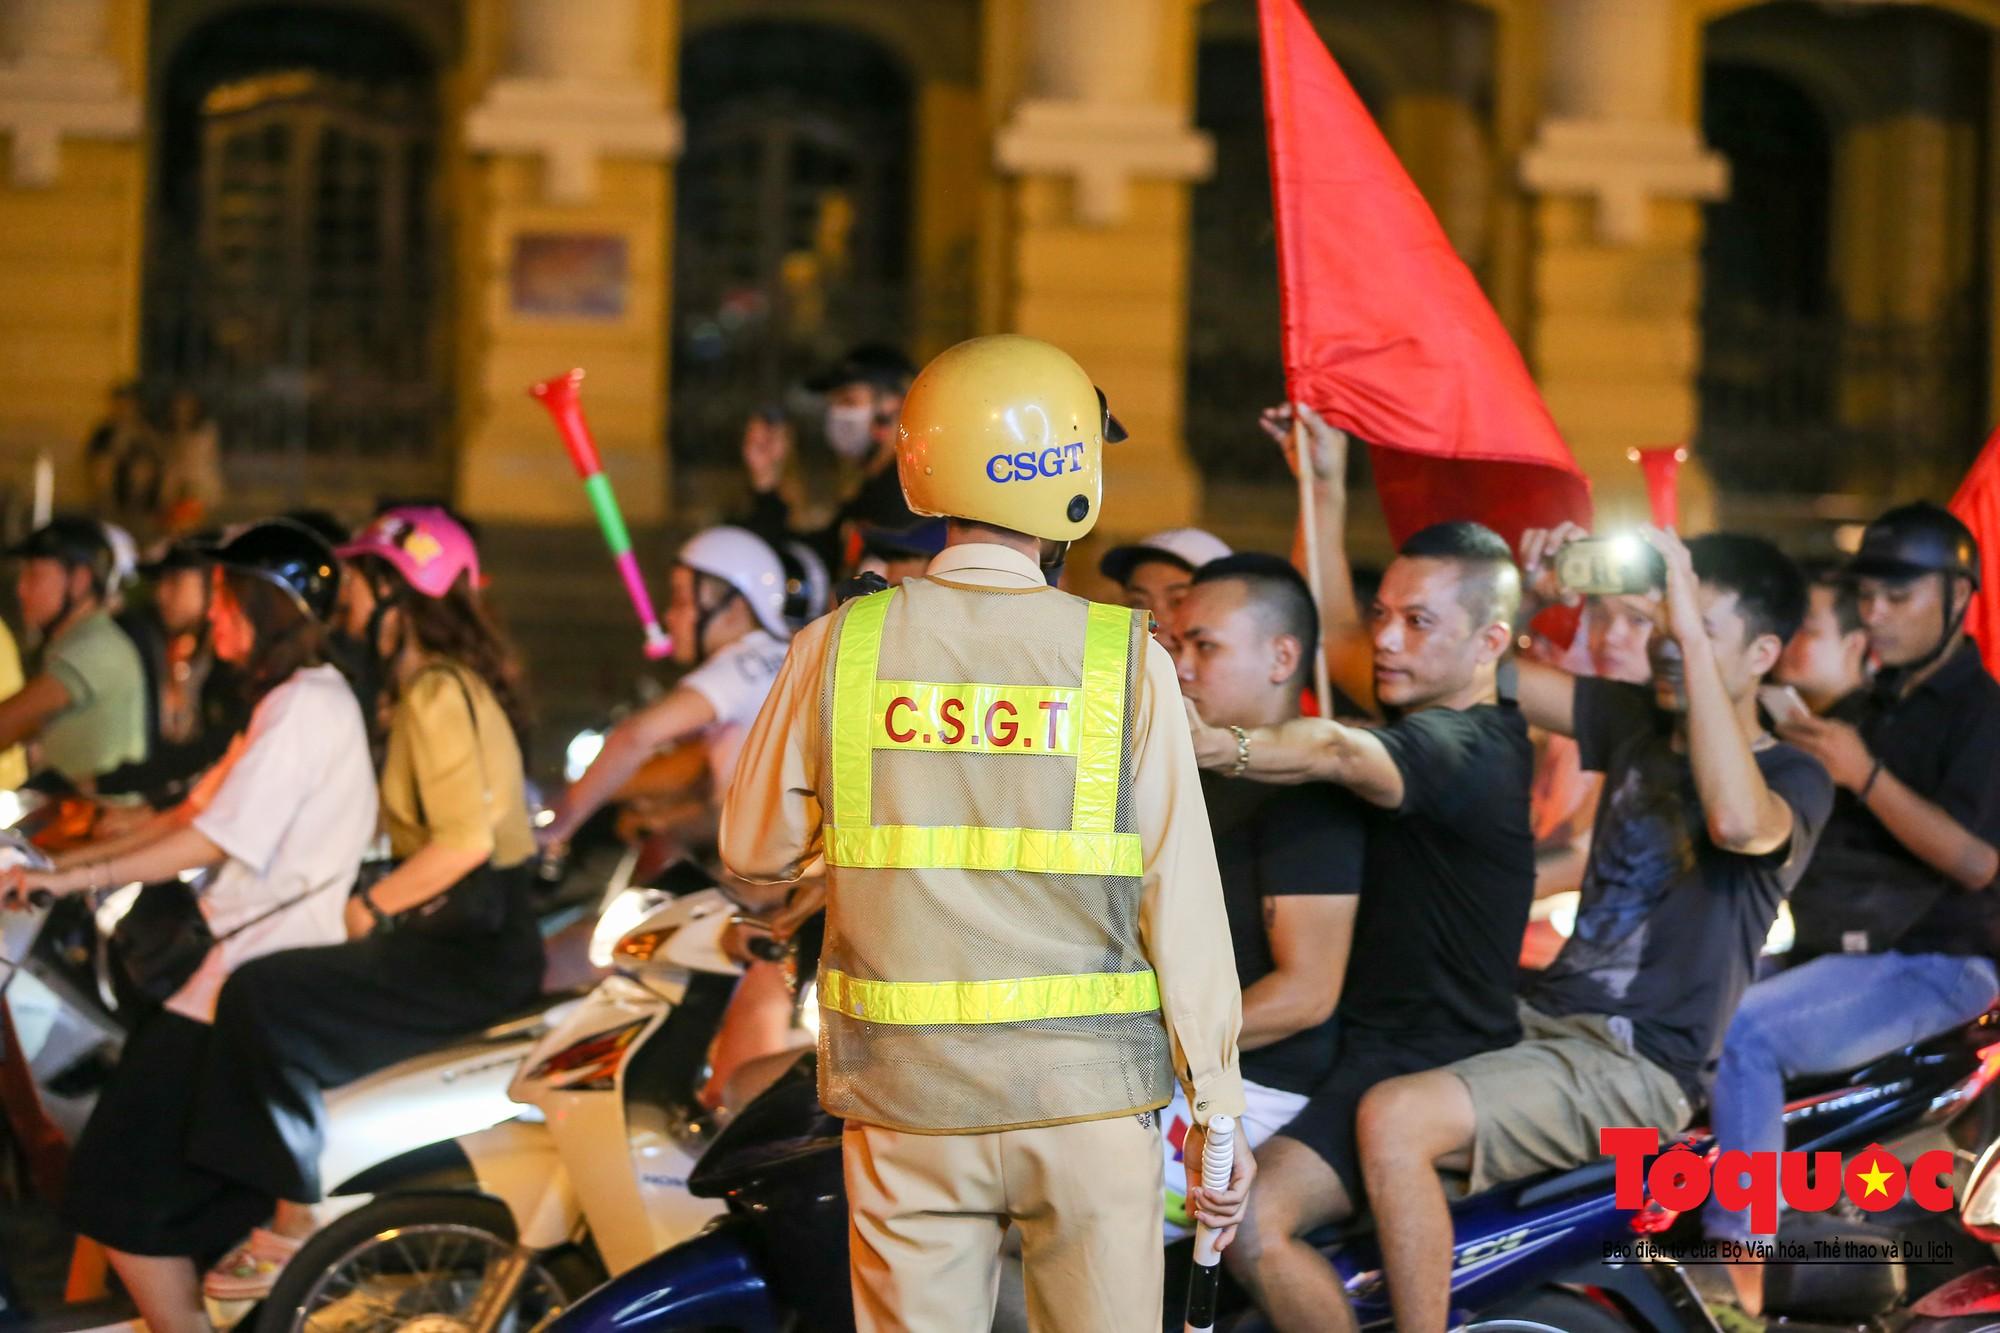 Hàng ngàn CĐV xuống đường mừng chiến thắng của đội tuyển Việt Nam13